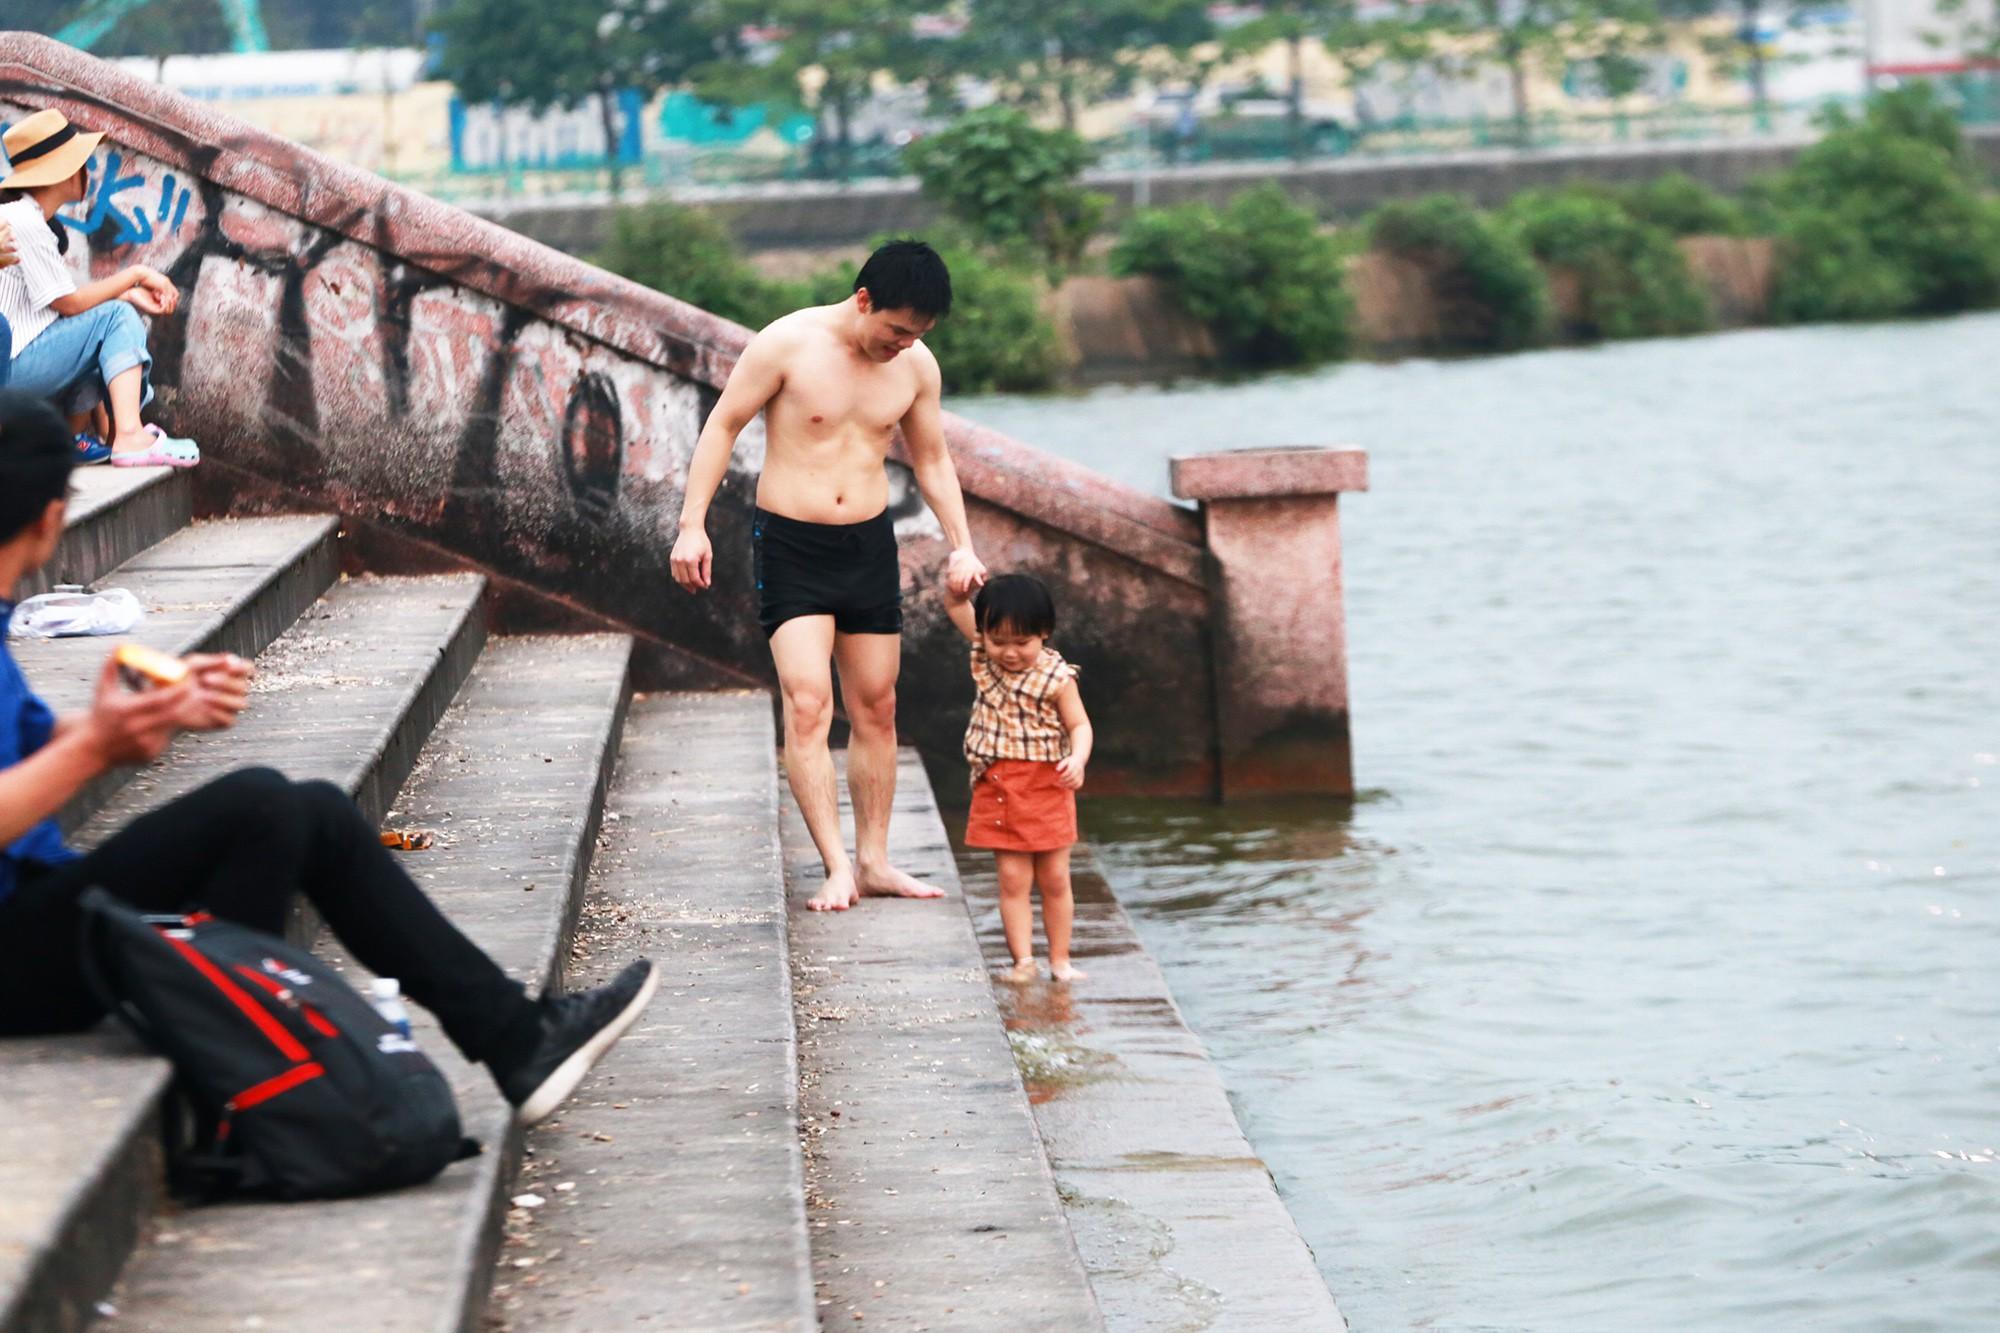 Hà Nội: Người lớn, trẻ nhỏ dắt nhau ra hồ Tây giải nhiệt ngày nắng nóng - Ảnh 13.